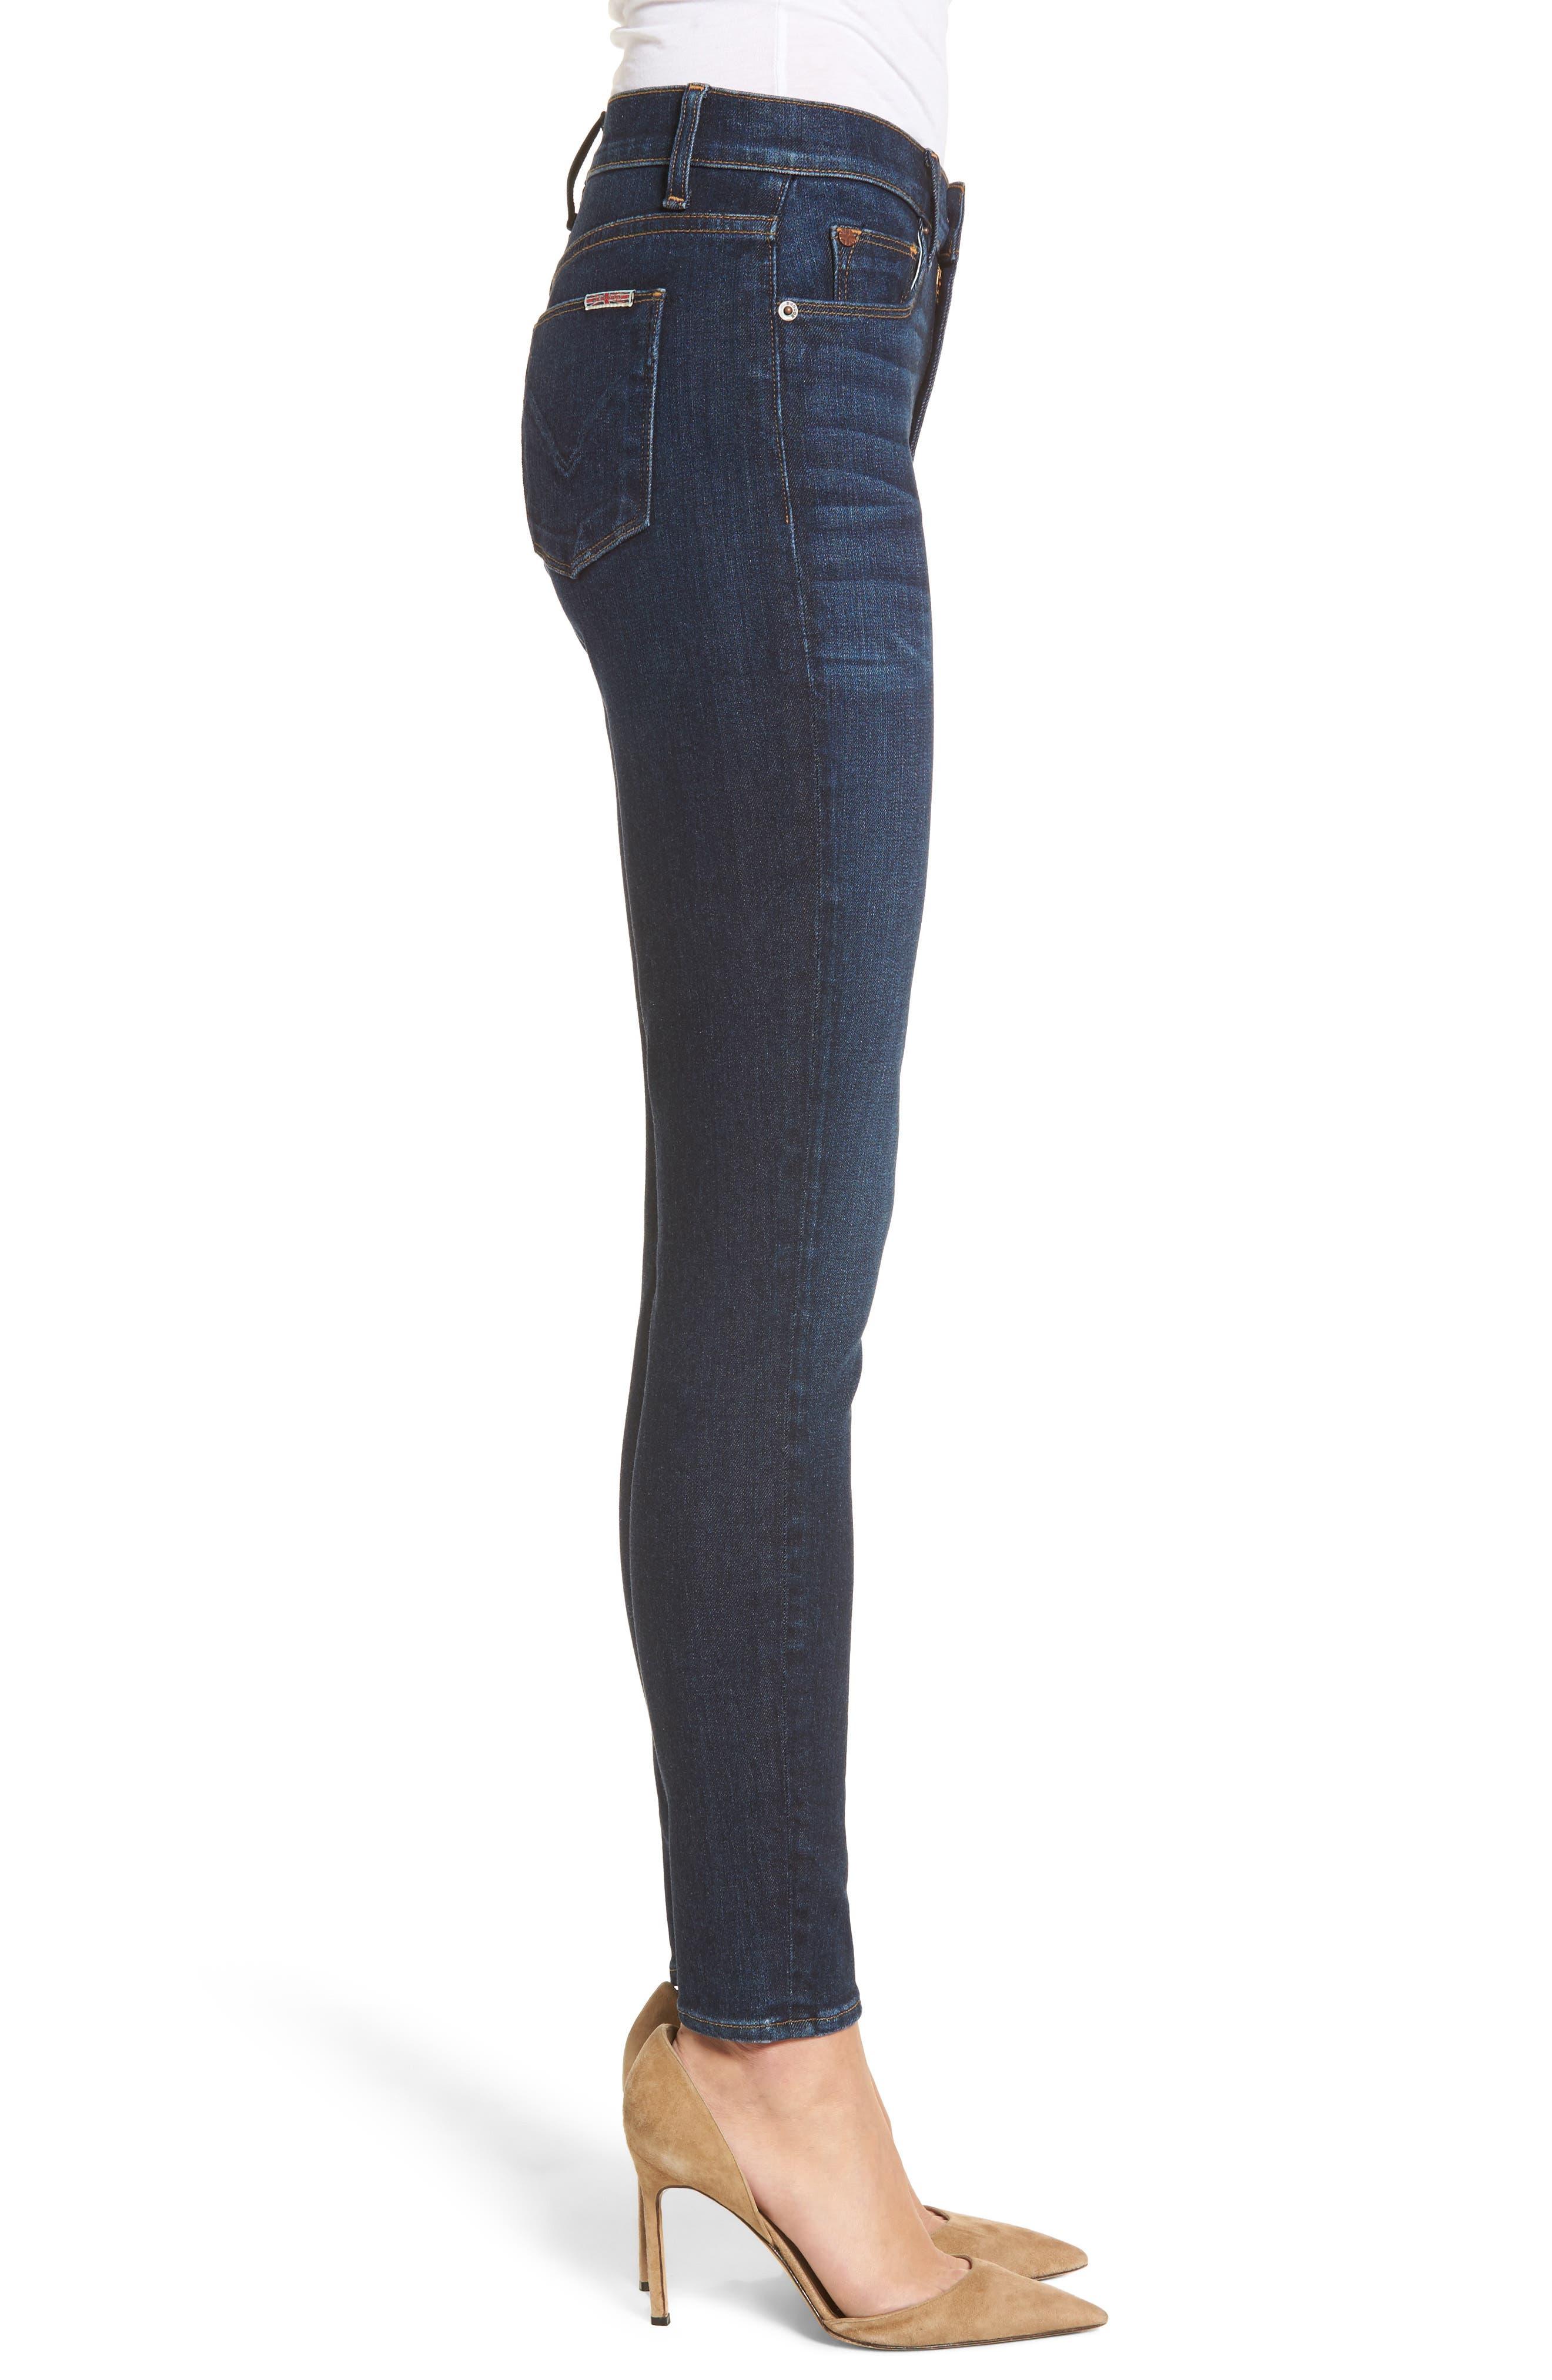 Alternate Image 3  - Hudson Jeans Barbara High Waist Ankle Super Skinny Jeans (Daze)